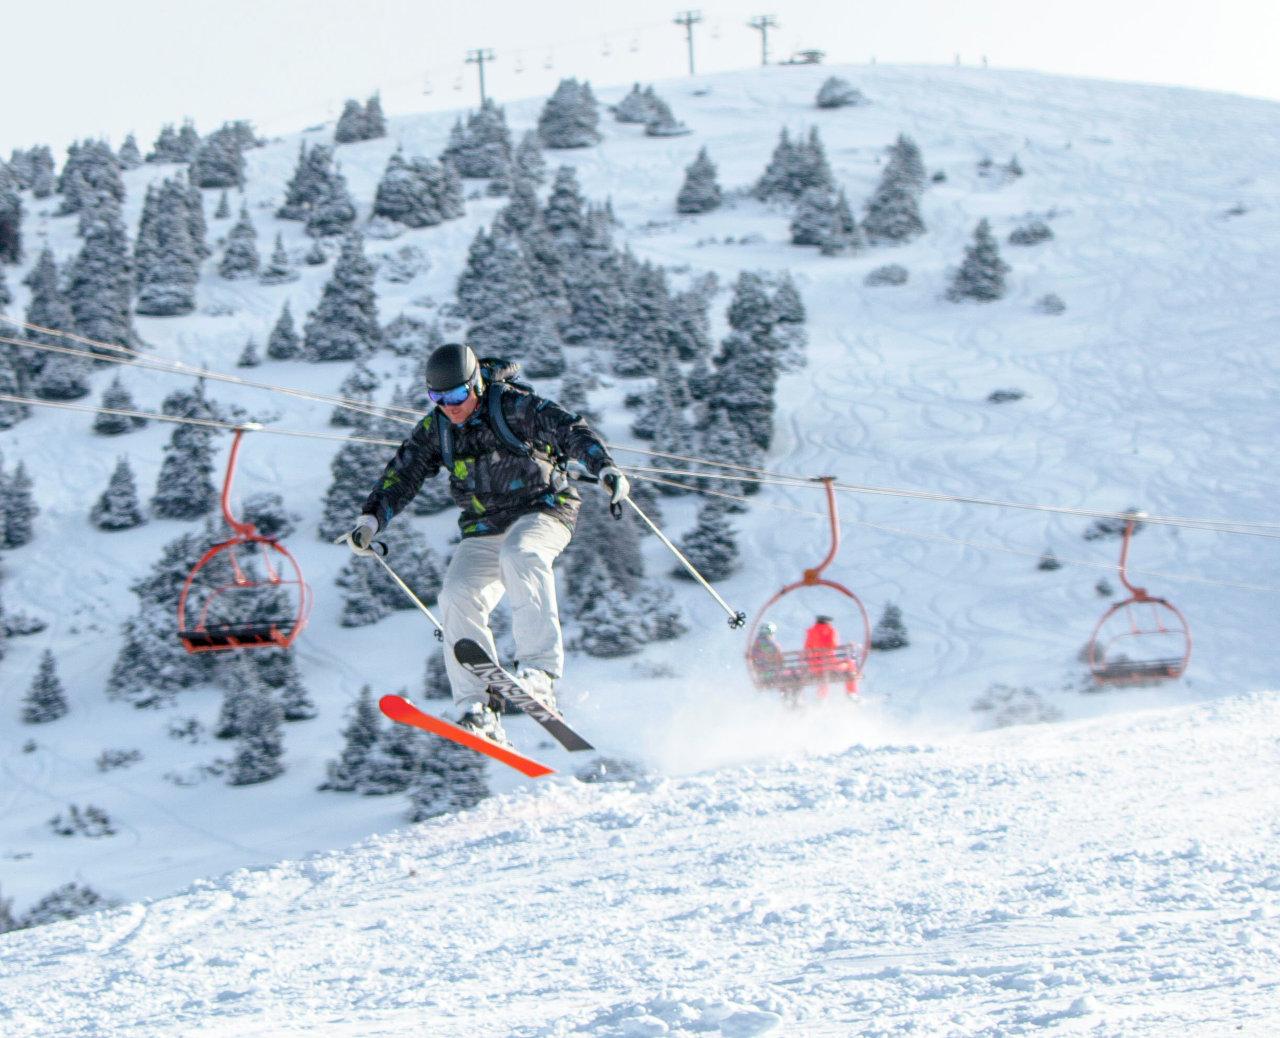 Лыжный сезон на базе Каракол начинается в ноябре и продолжается до апреля.